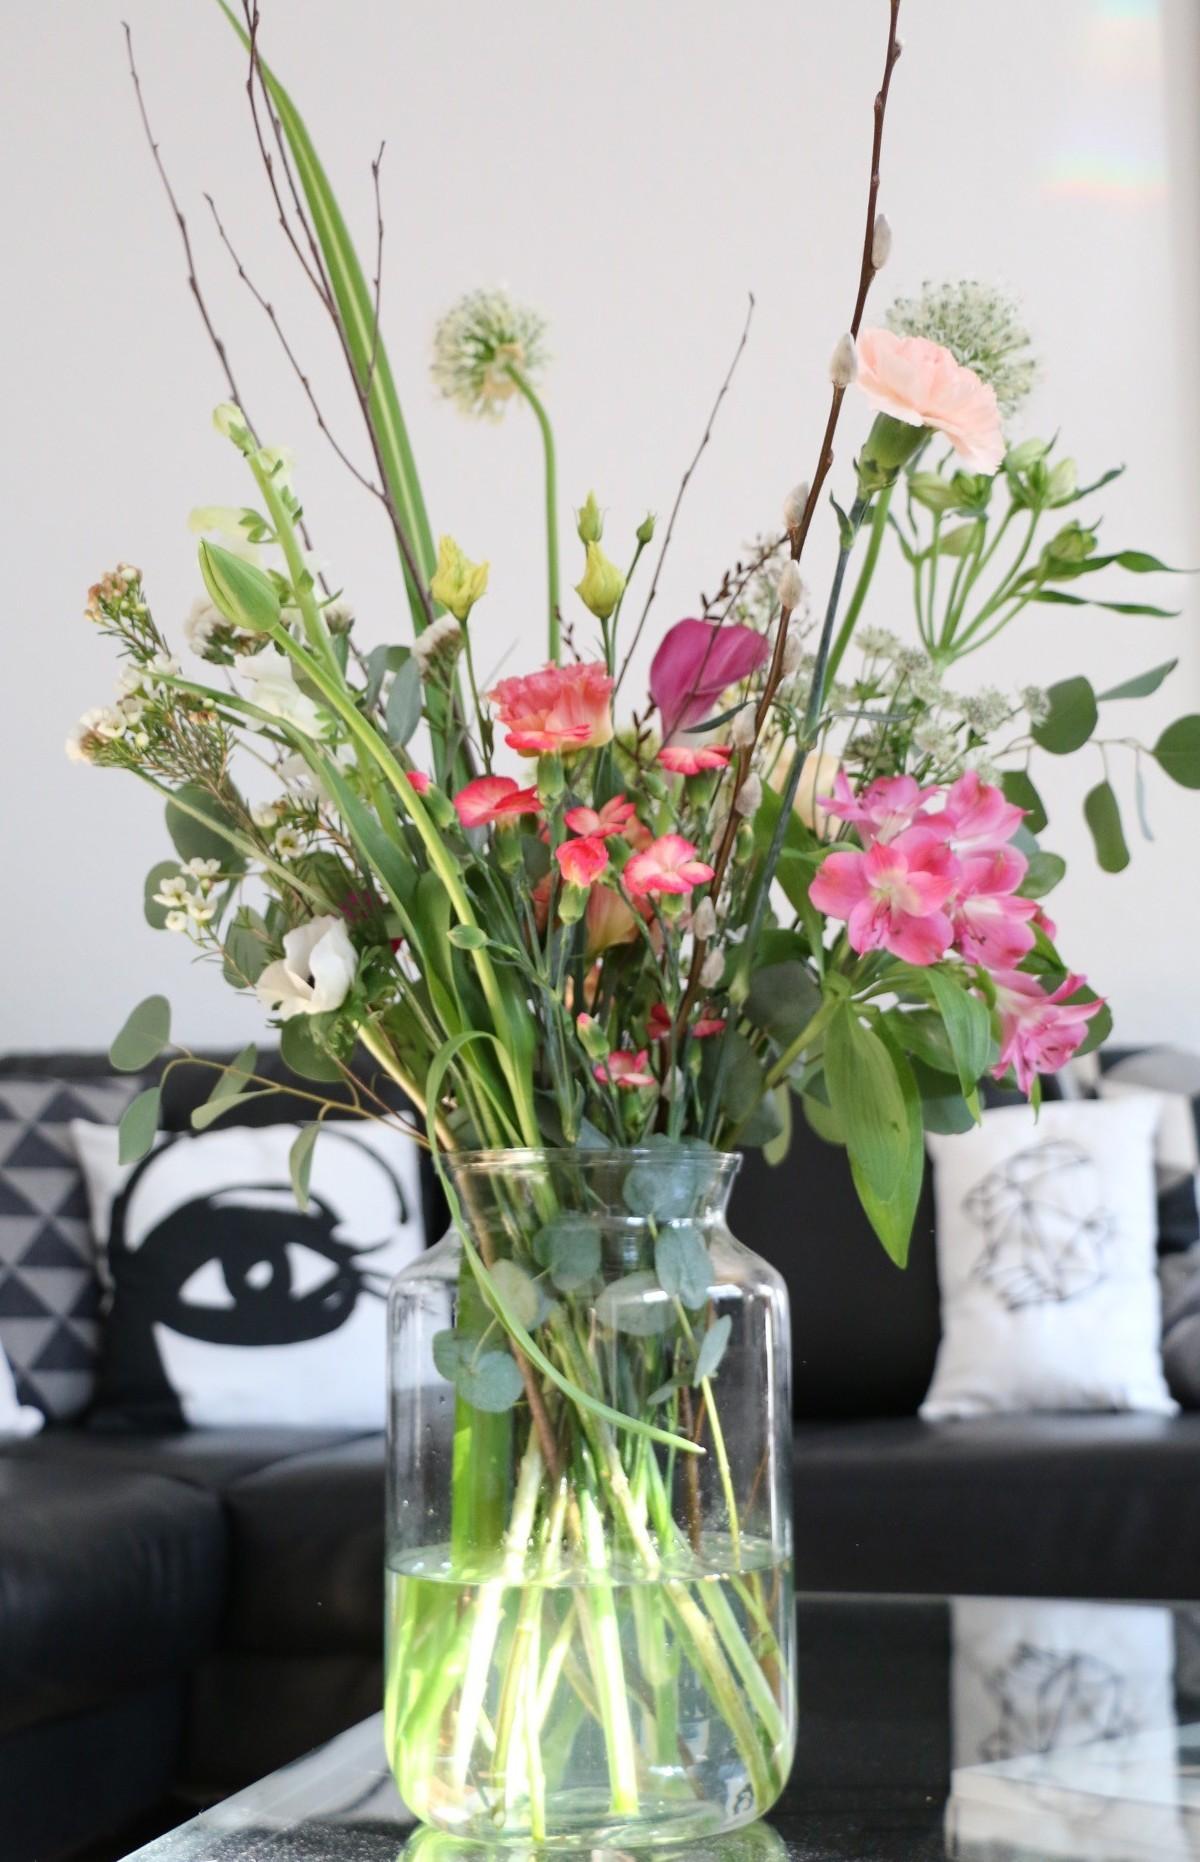 Frühjahrsputz - so zieht der Frühling ein by eat blog love